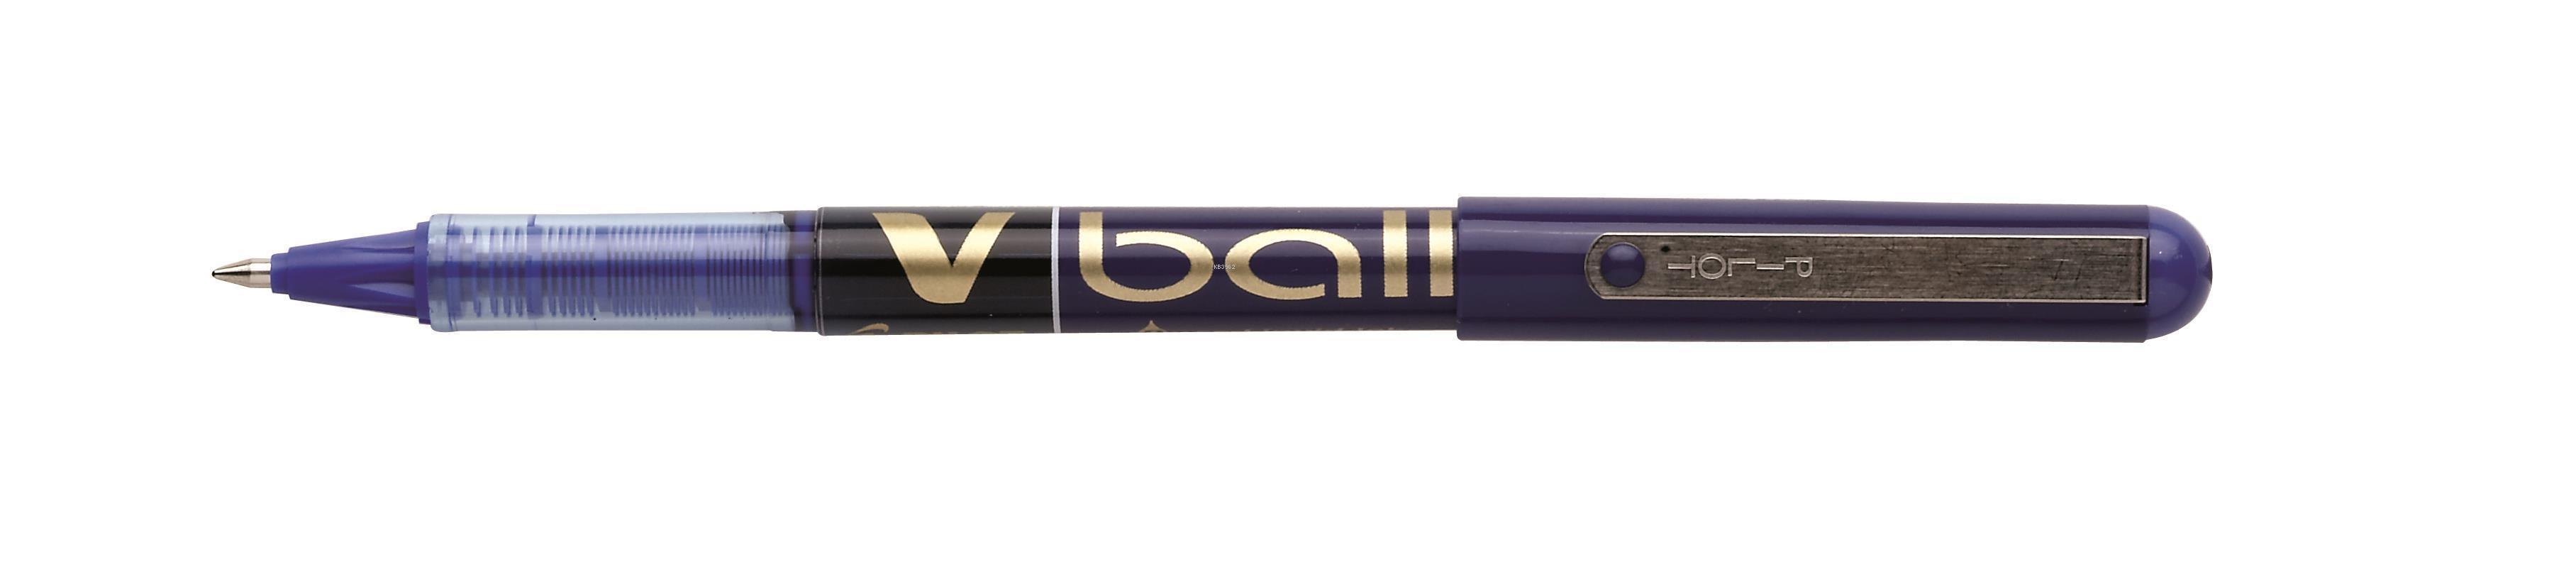 Pilot Roller Kalem V Ball 0.7 Mavi Bl-Vb7-L-E